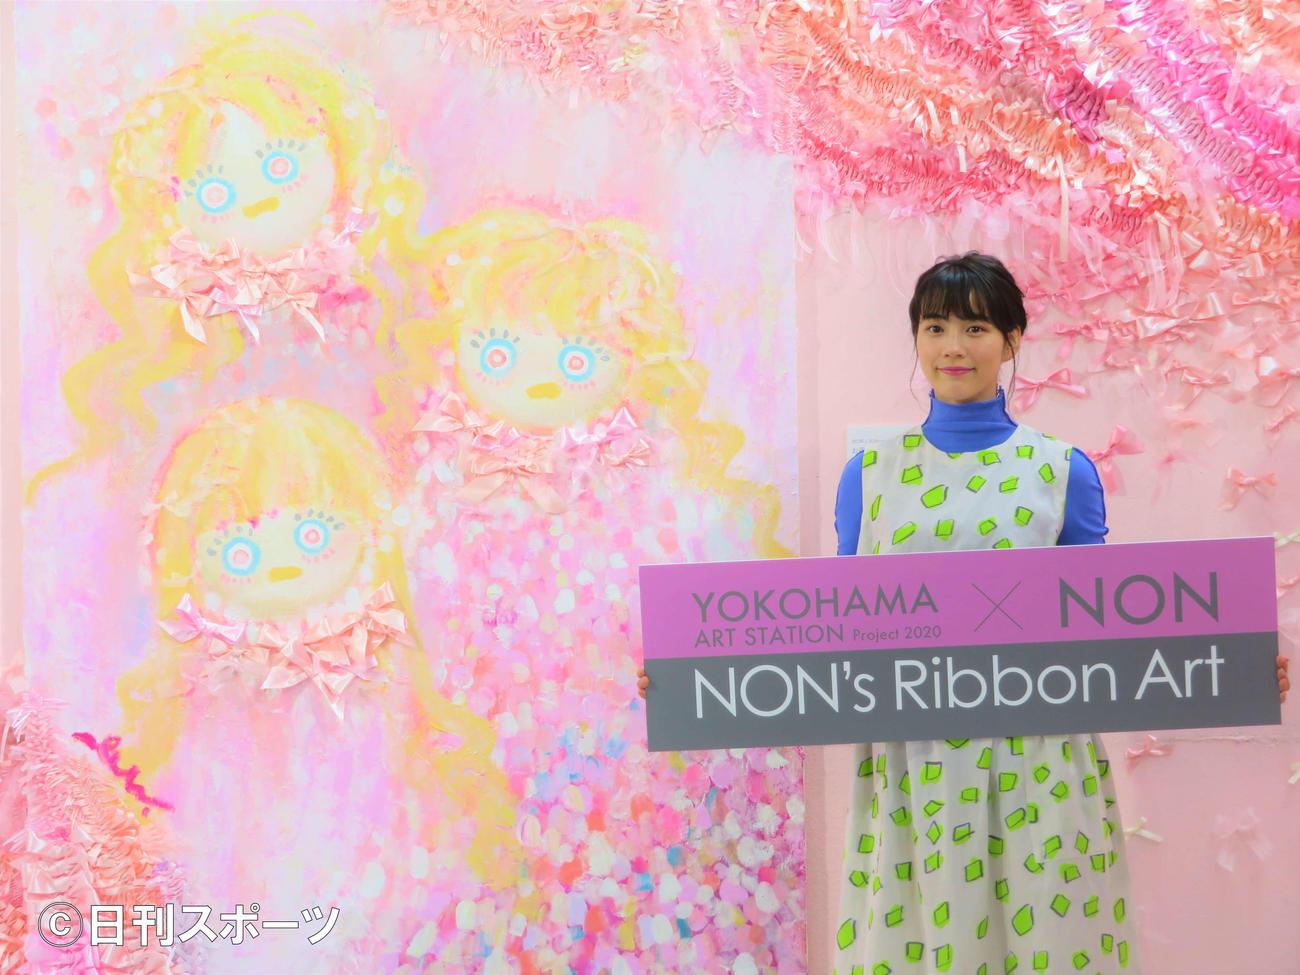 「YOKOHAMA ART STATION project 2020」メディア発表会に出席したのん(撮影・三須佳夏)